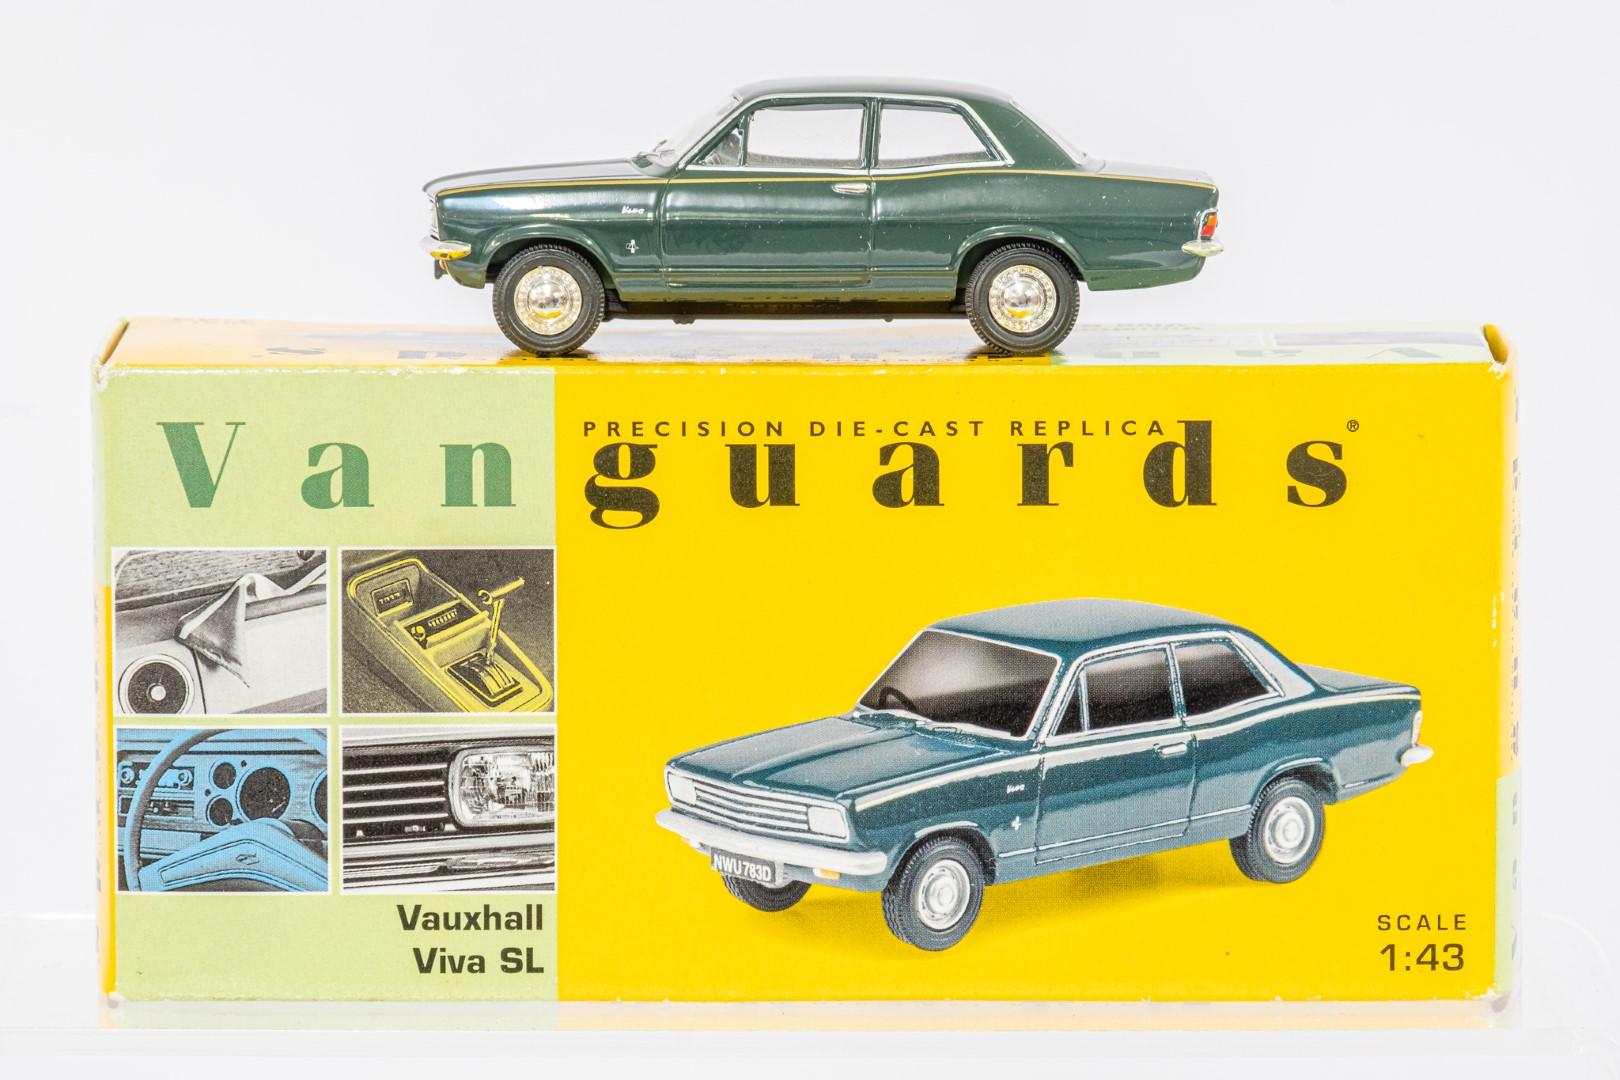 Vanguards Vauxhall Viva SL / Ford Cortina MK I / Hillman Minx IIIA - - Image 2 of 4